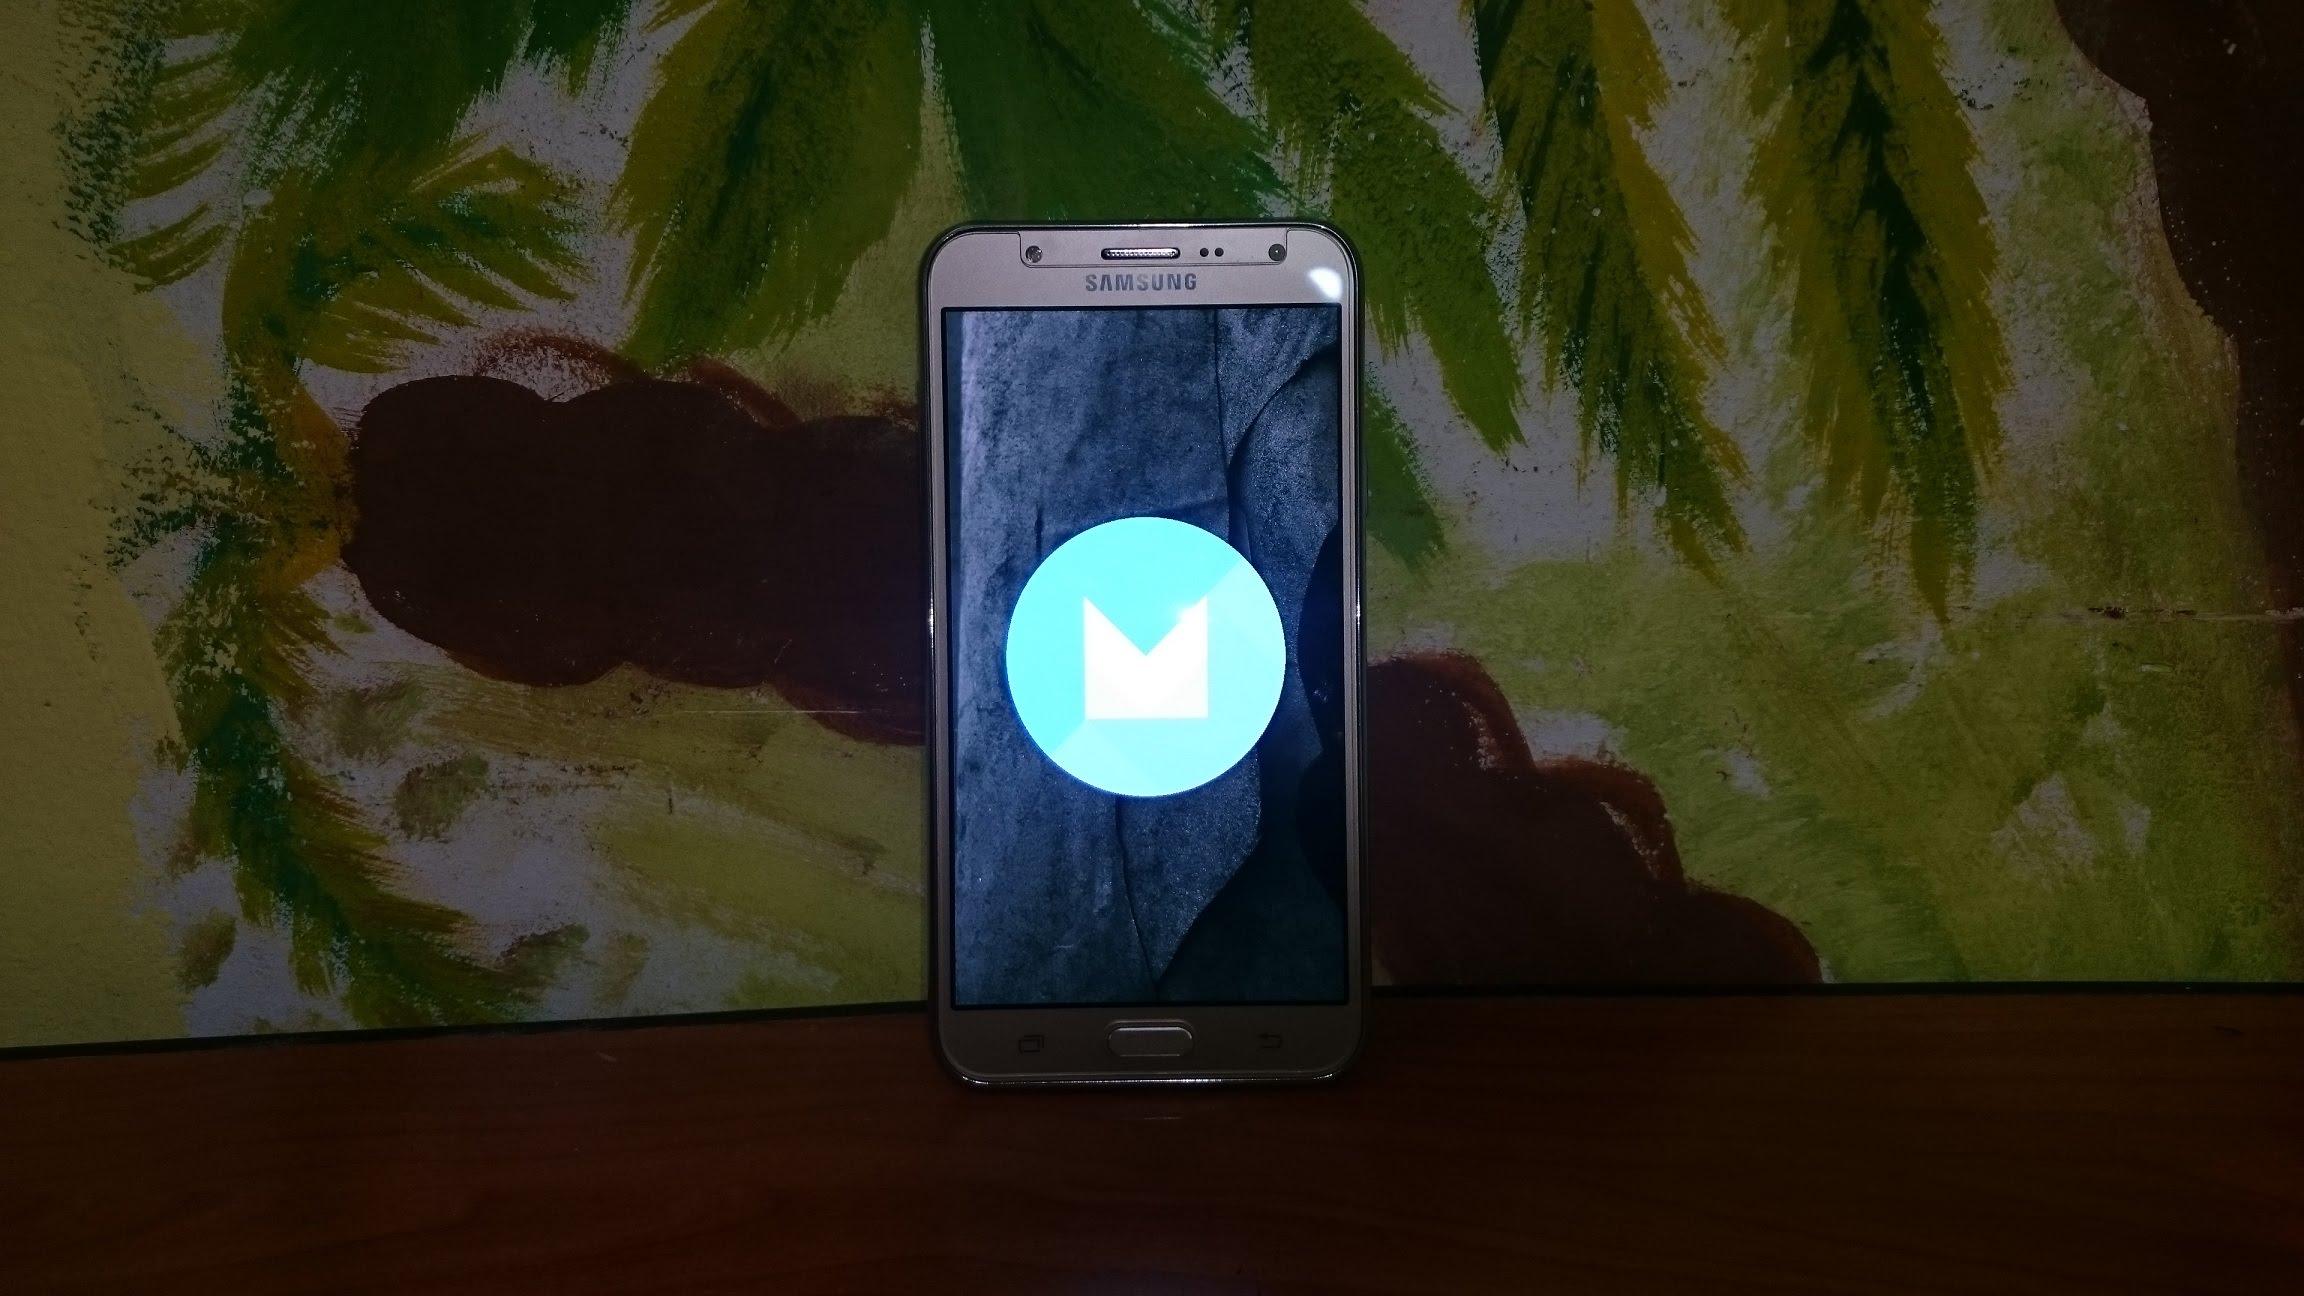 Samsung Galaxy J7 Marshmallow 1